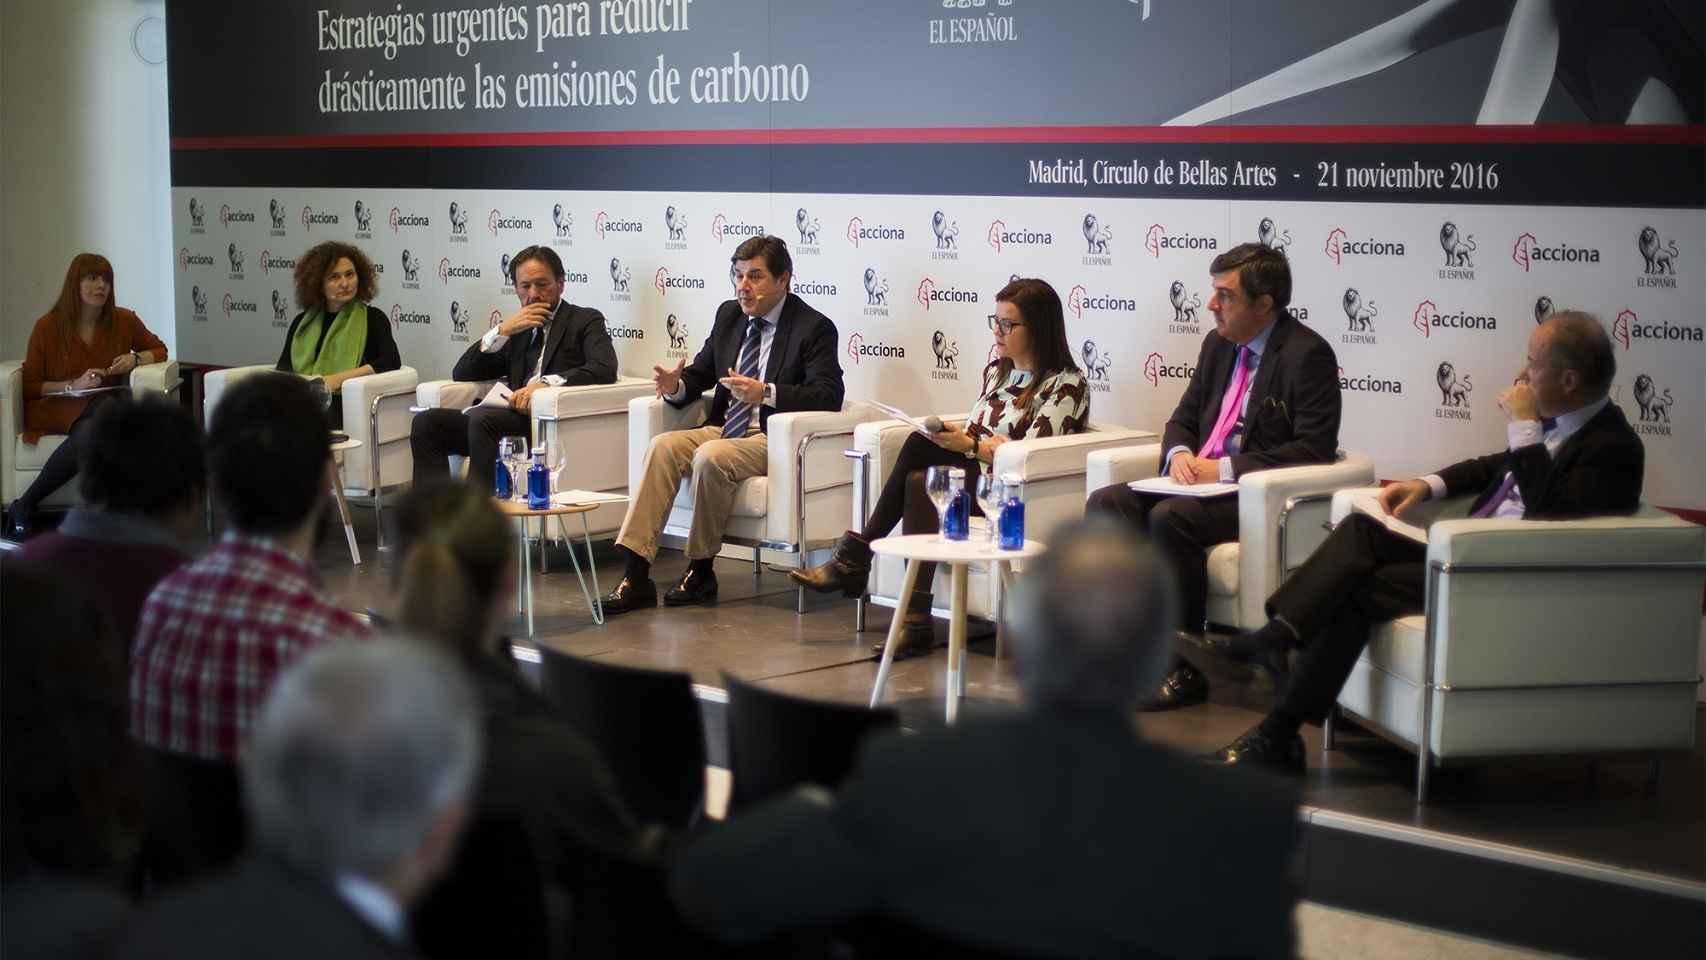 Los participantes en el Foro sobre Cambio Climático EL ESPAÑOL-Acciona.